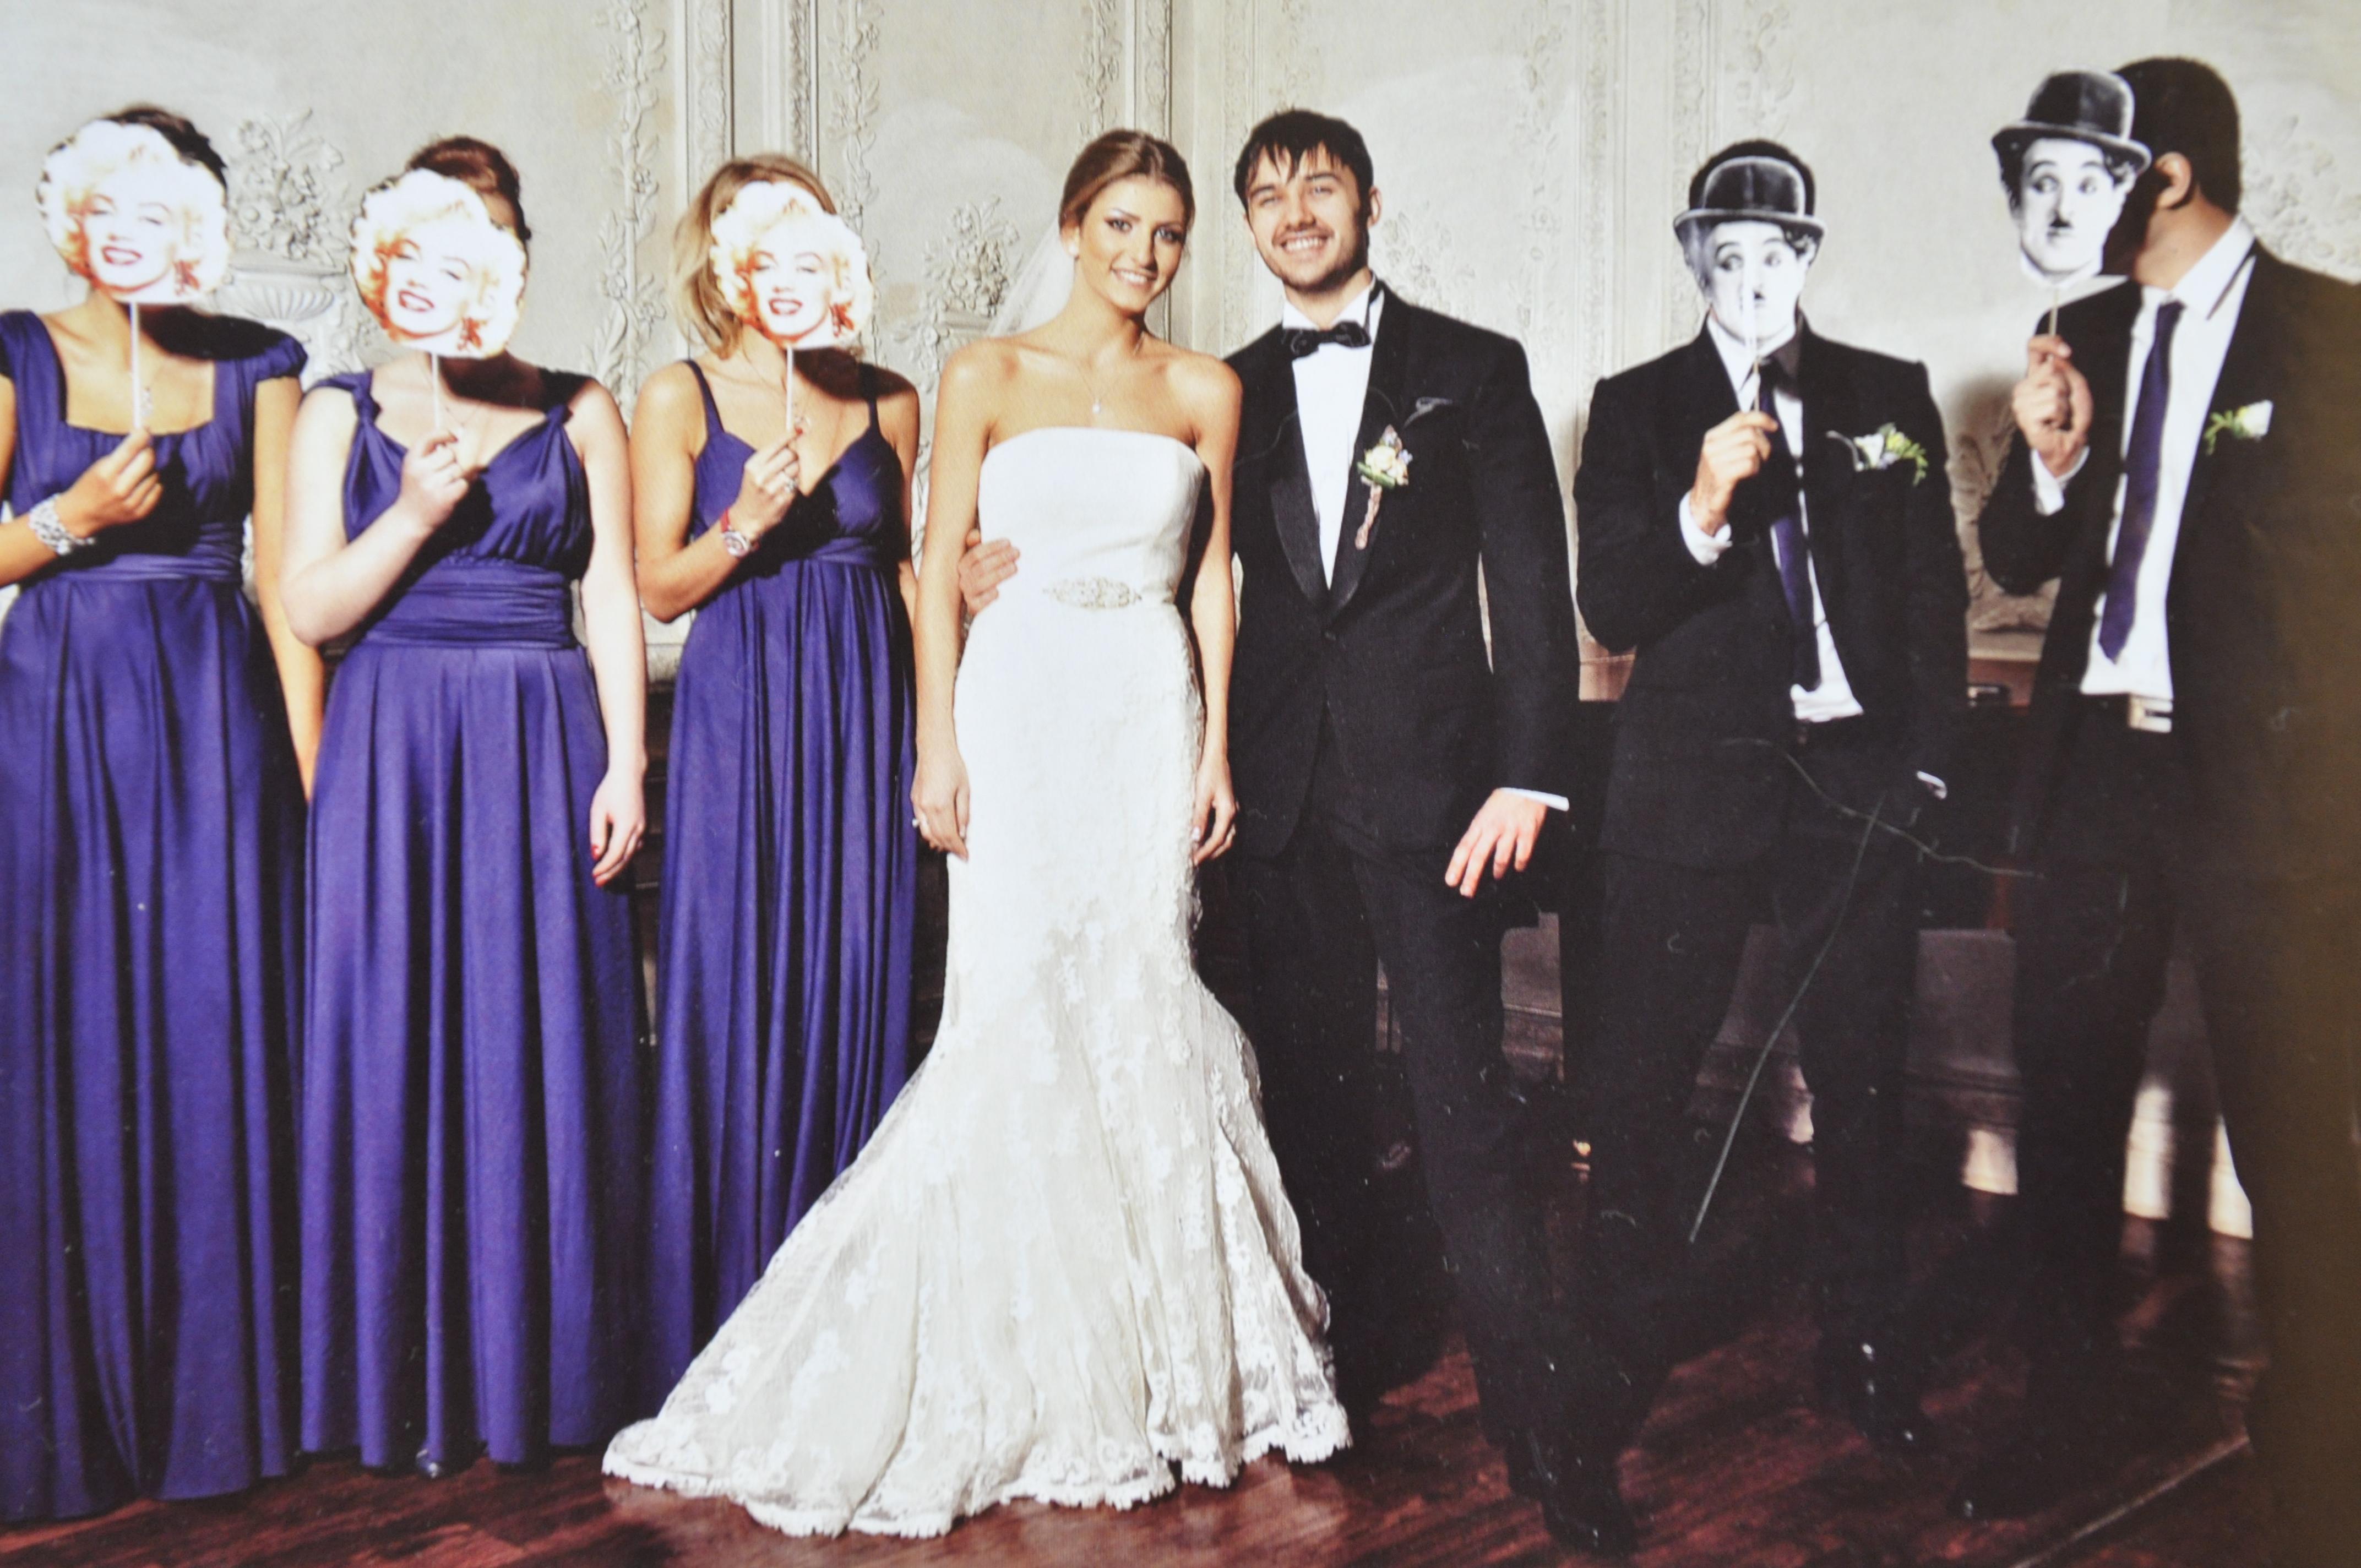 Наряды гостей мужчин на свадьбе фото